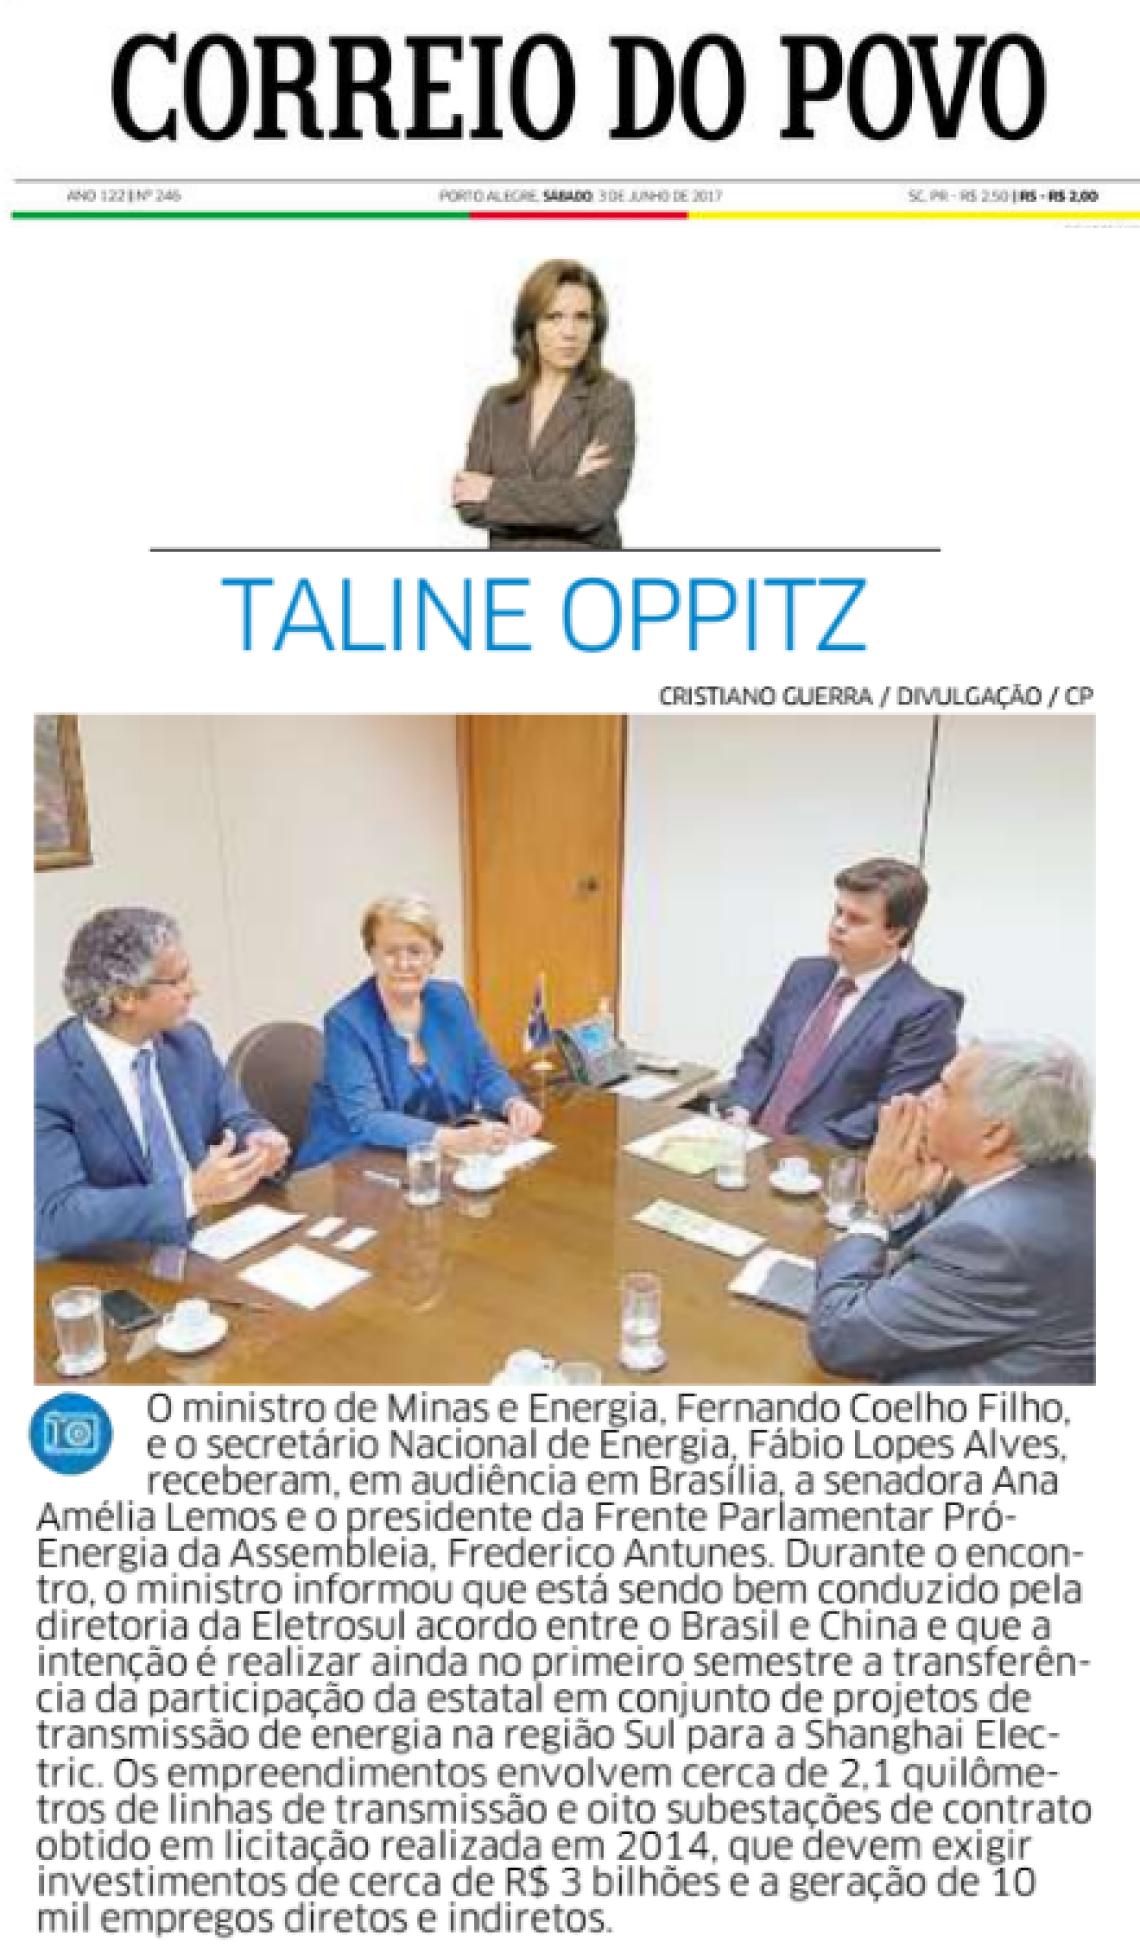 Correio do Povo: Taline Oppitz - Audiência com o Ministro de Minas e Energia